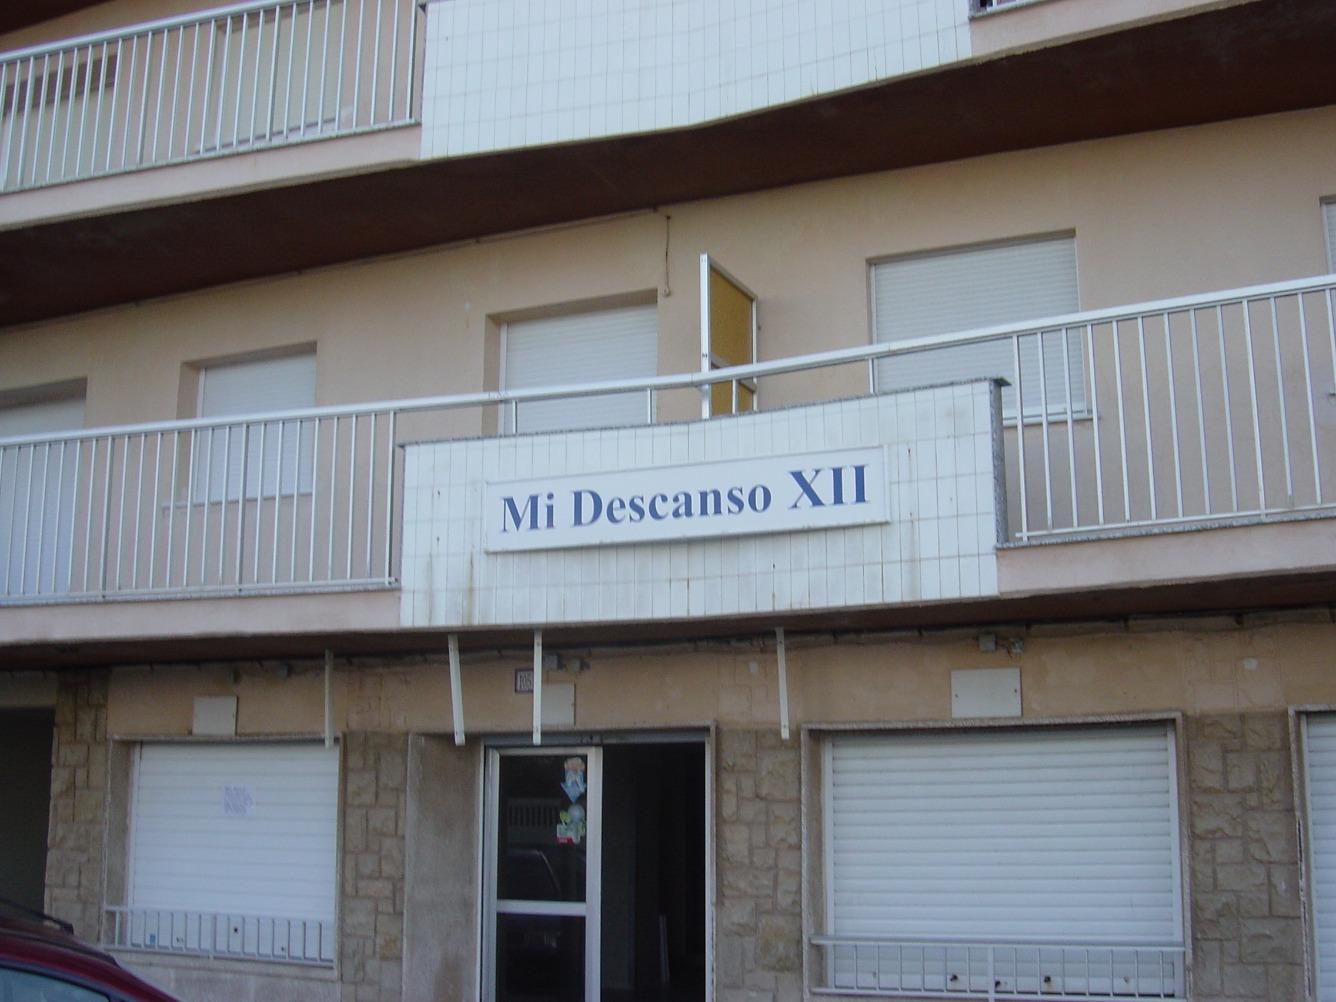 Local Comercial  Calle mediterraneo, 105. Se vende local comercial en av. mediterraneo 105, dispone de 71